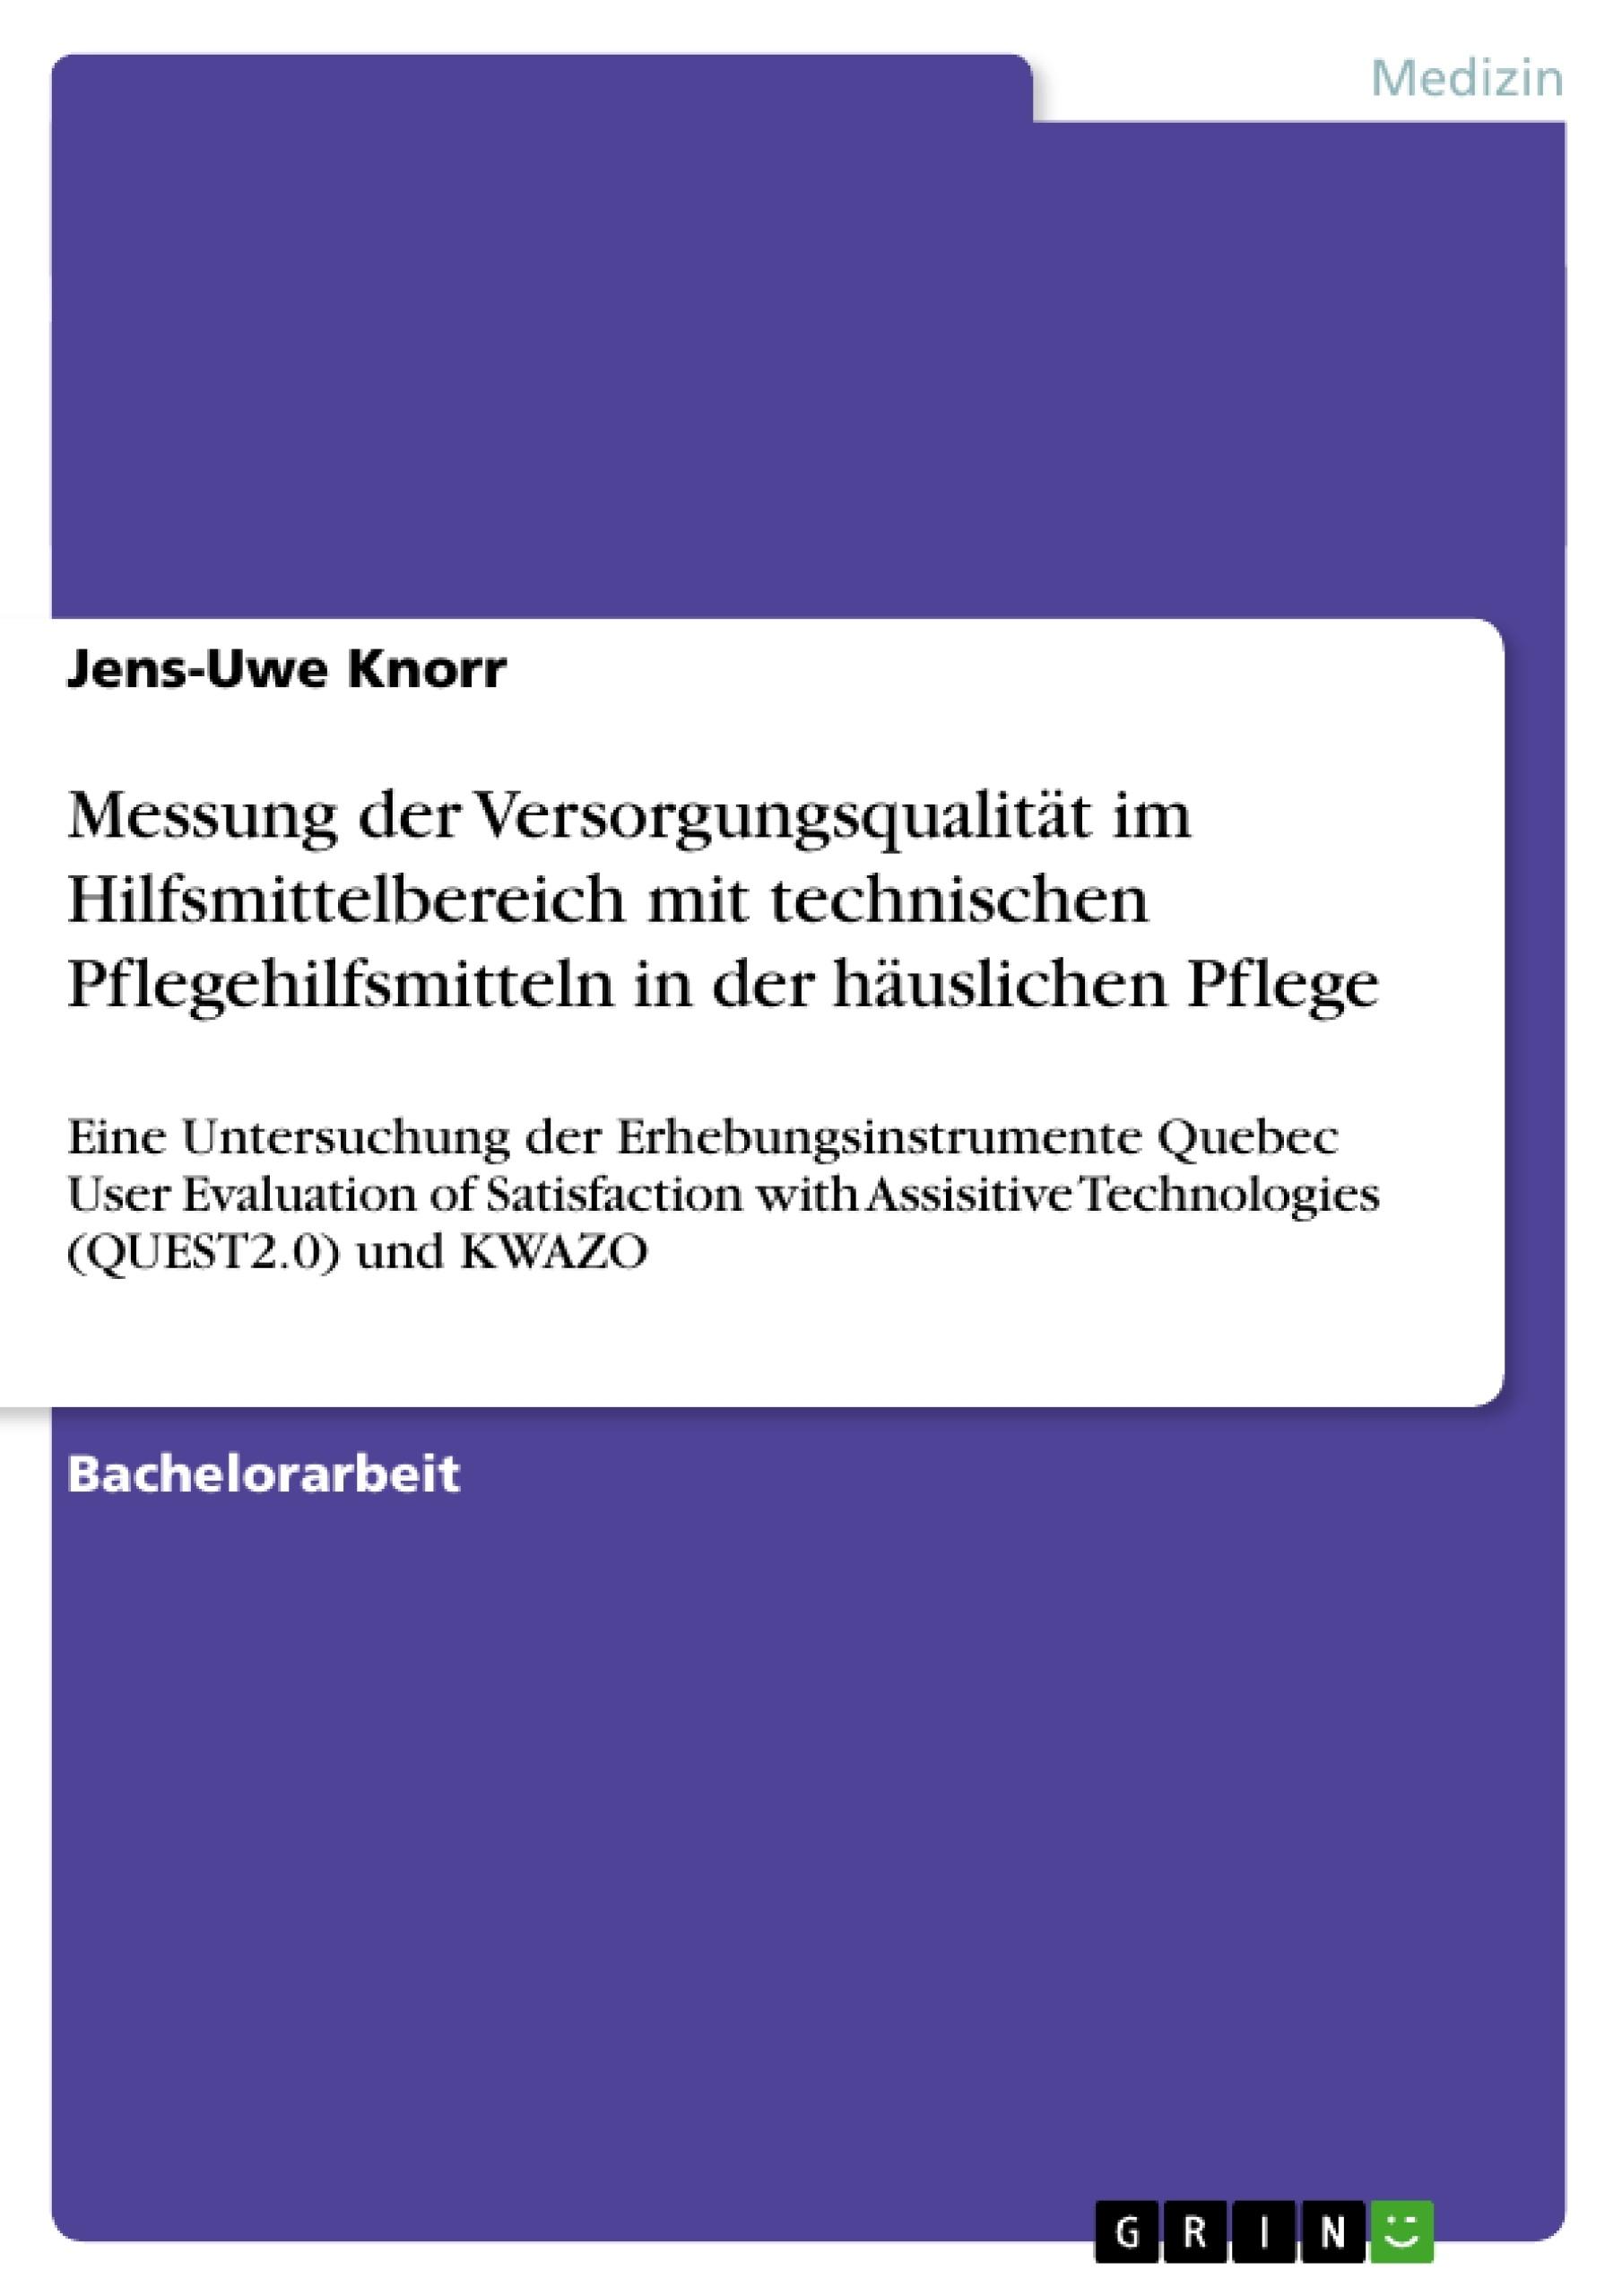 Titel: Messung der Versorgungsqualität im Hilfsmittelbereich mit technischen Pflegehilfsmitteln in der häuslichen Pflege